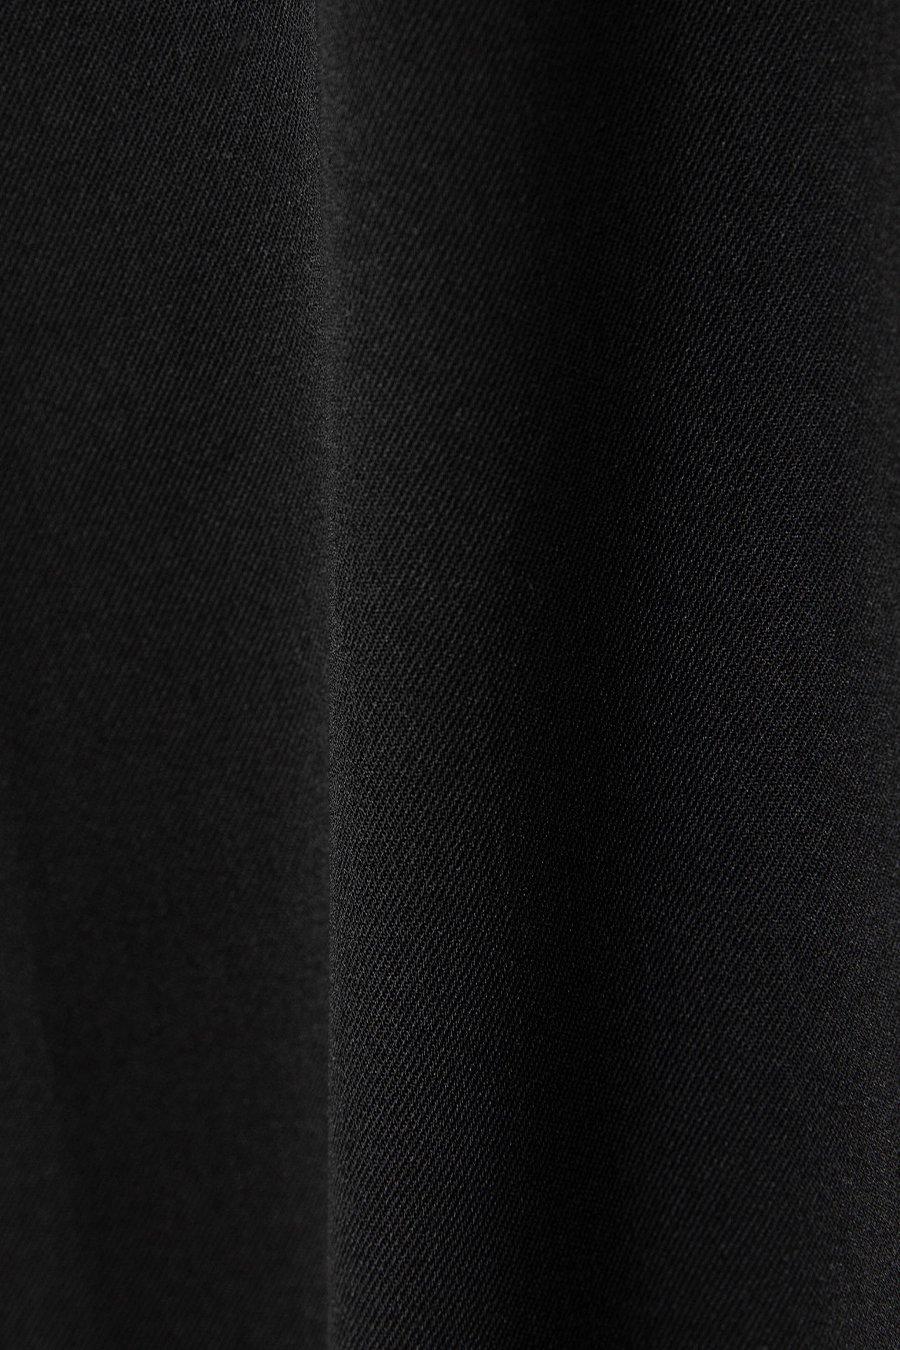 인사일런스 우먼(INSILENCE WOMEN) 와이드 조거팬츠 BLACK